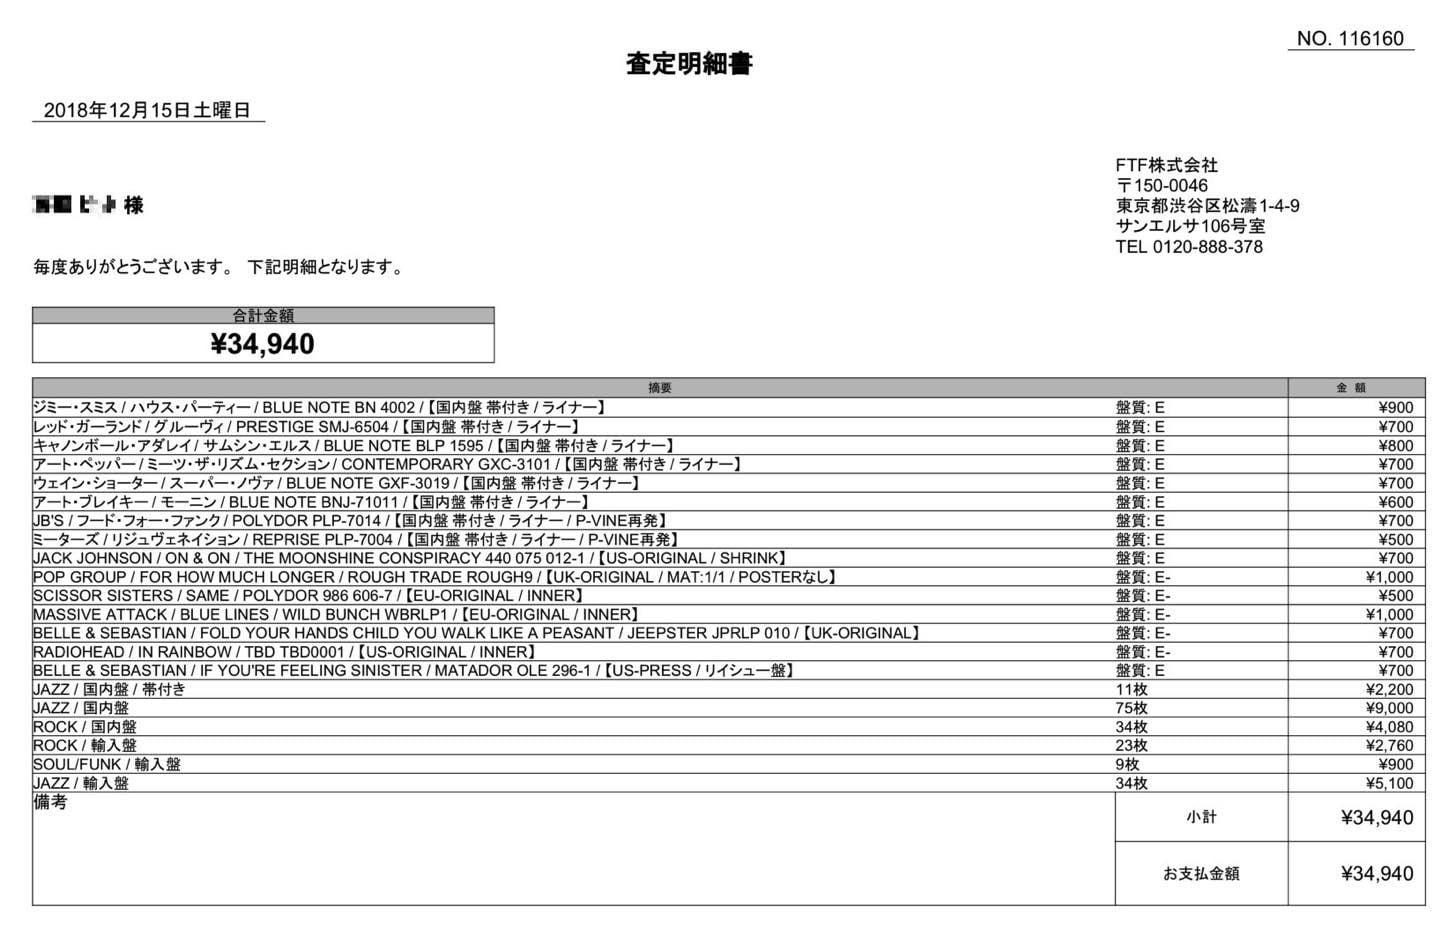 エコストアレコードの査定額